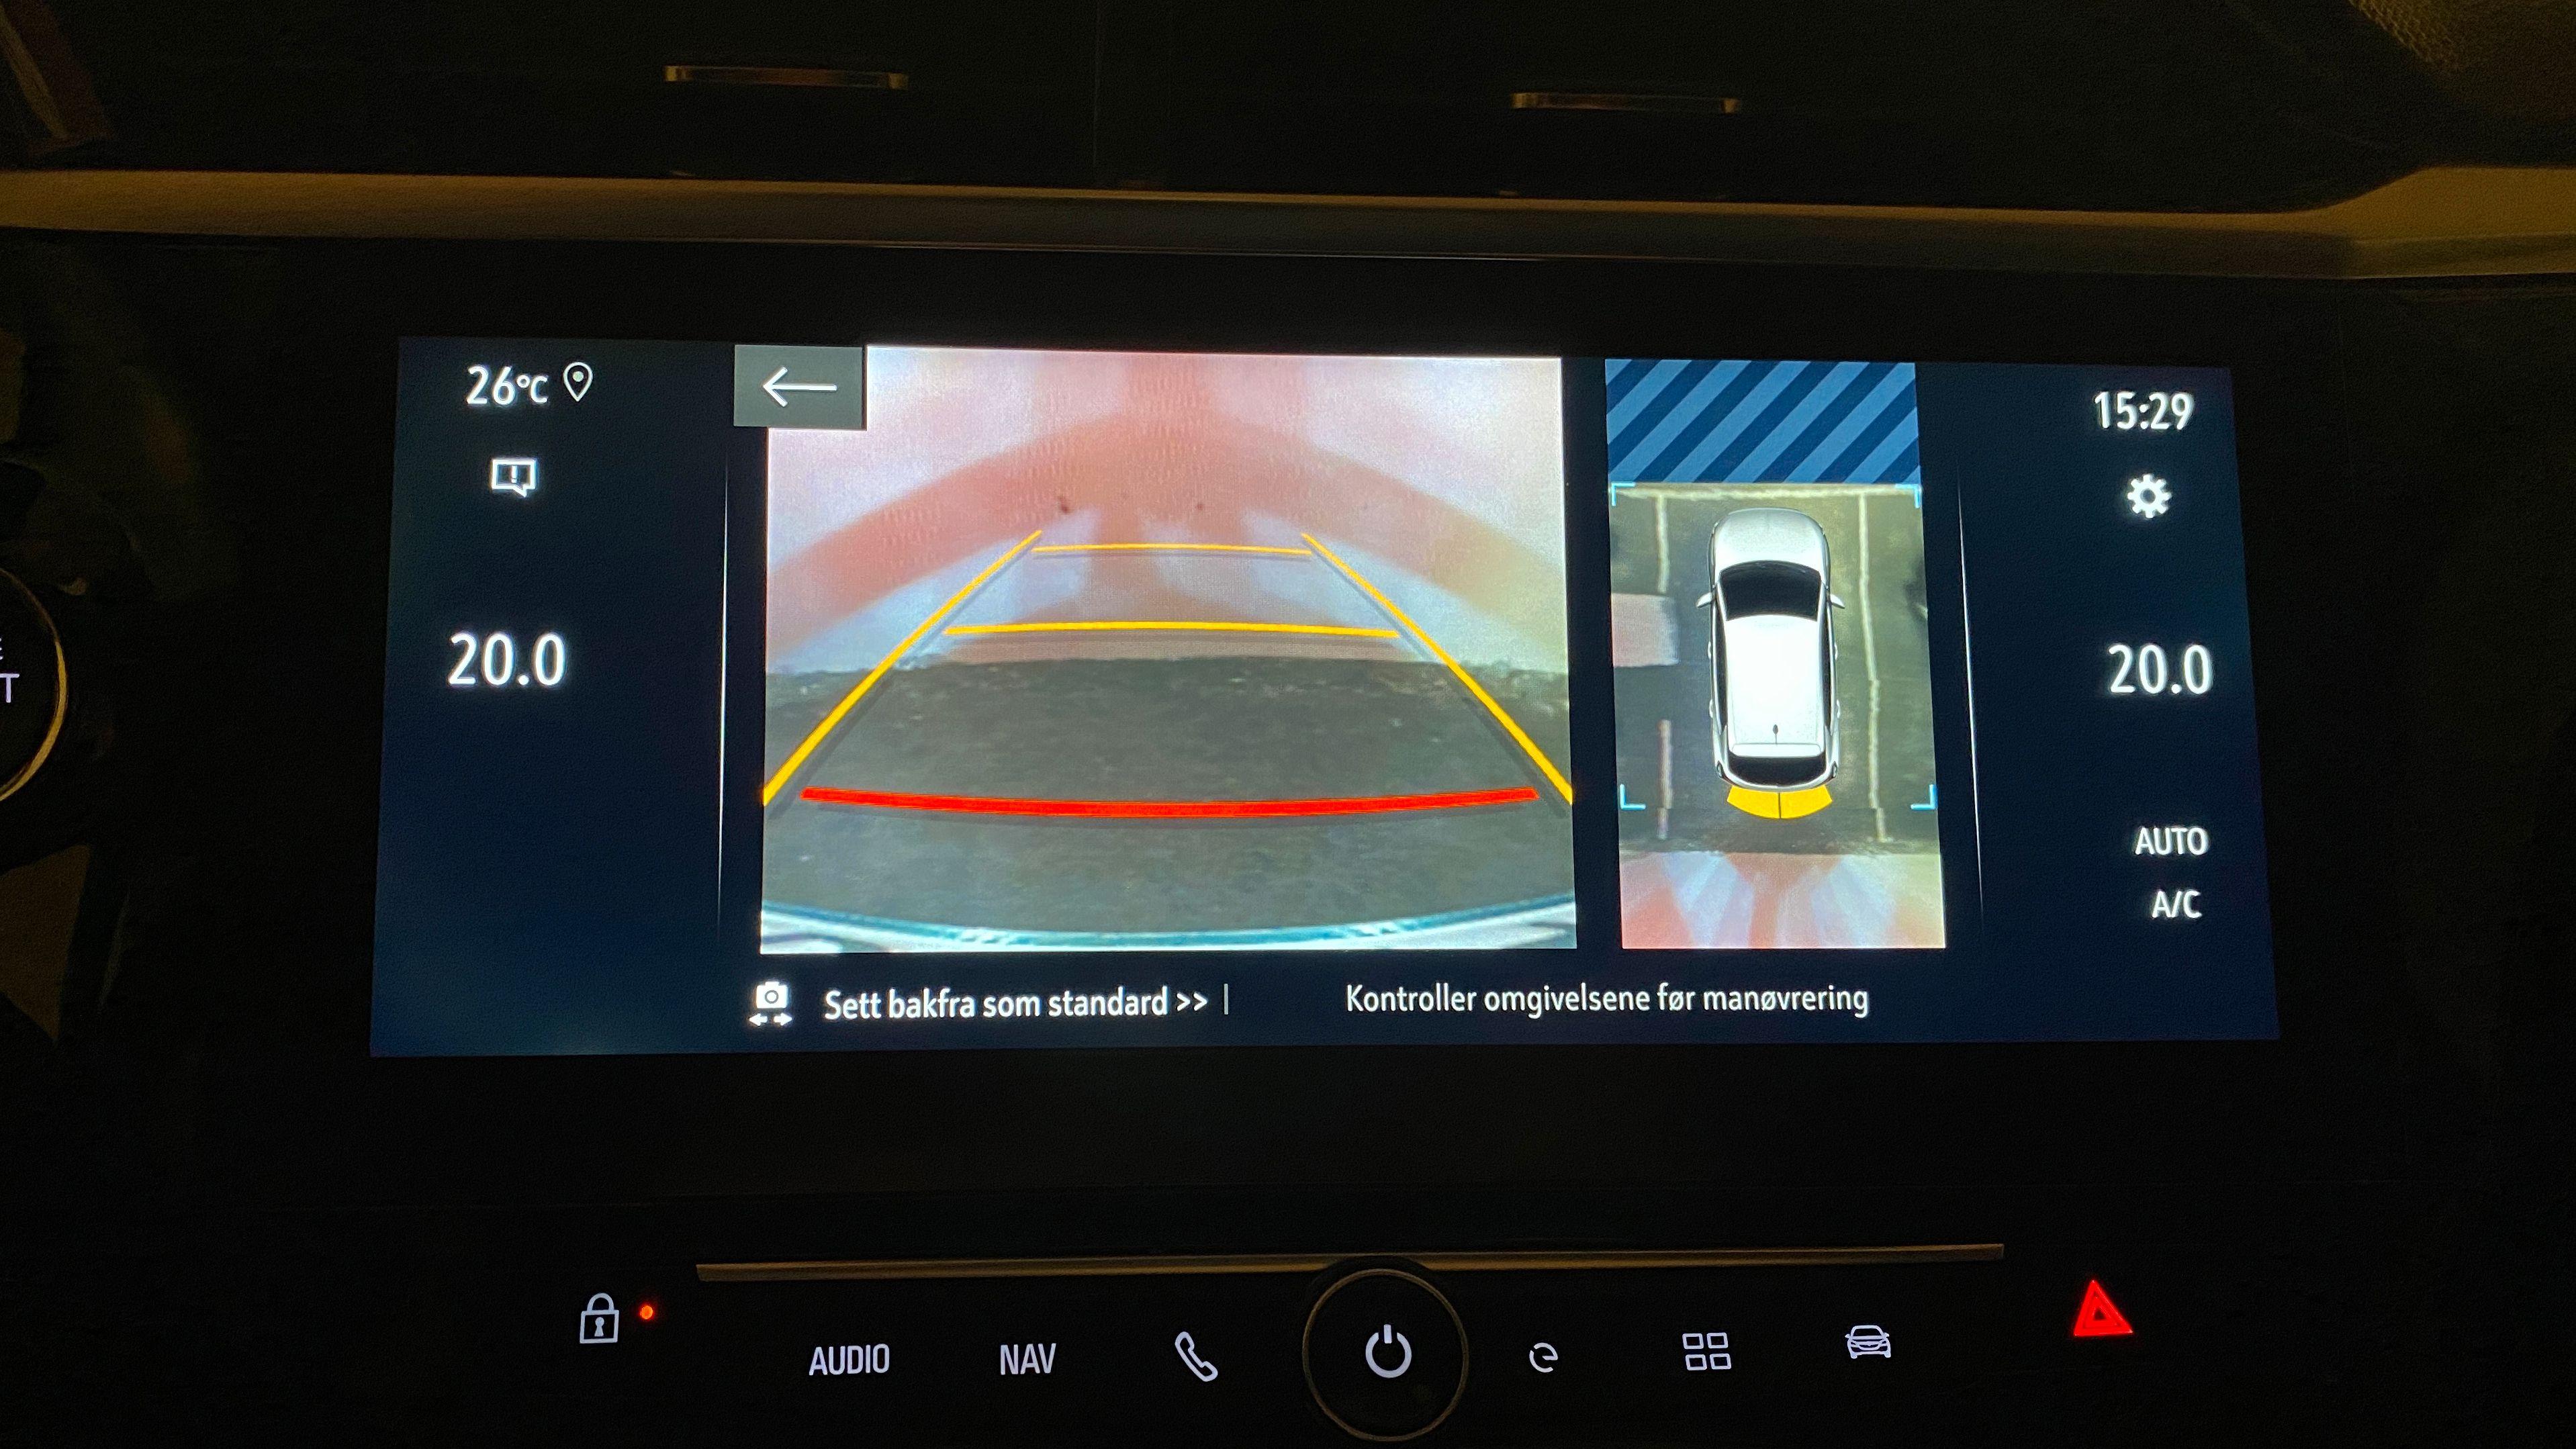 Panorama-ryggekameraet er kjekt å ha og kanskje ikke utstyr som vanligvis fåes på biler i denne kategorien.